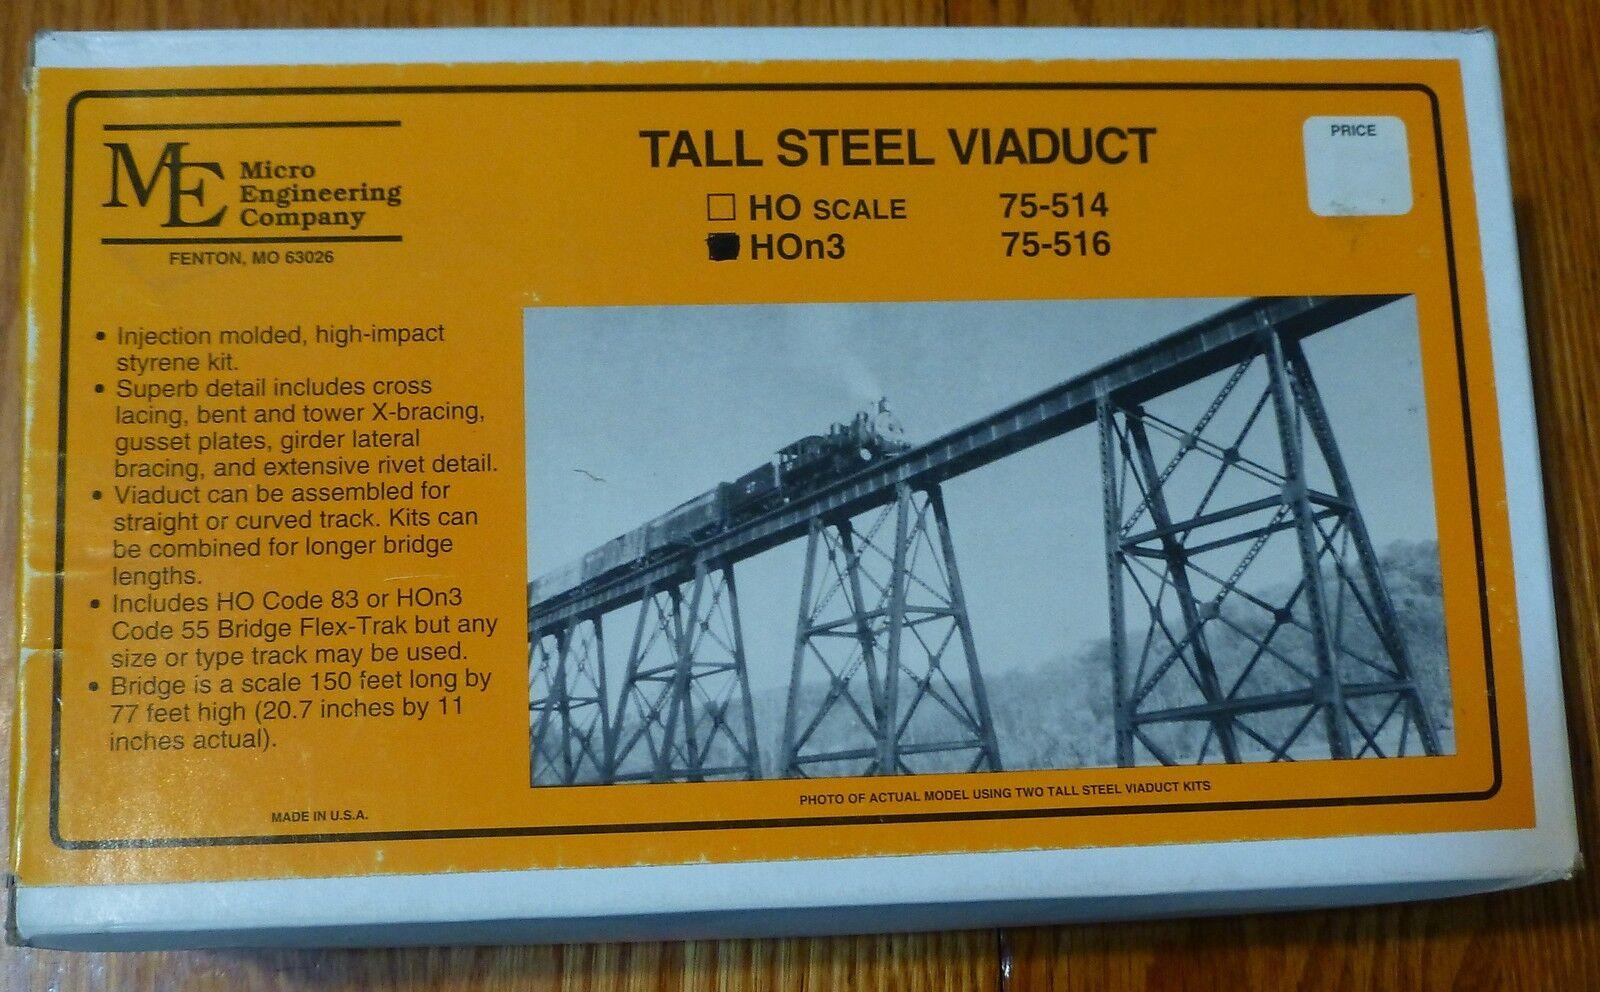 Micro Engineering företag HOn3 (Kit) Tall Steel Viaduce (150'x 70'Tall)